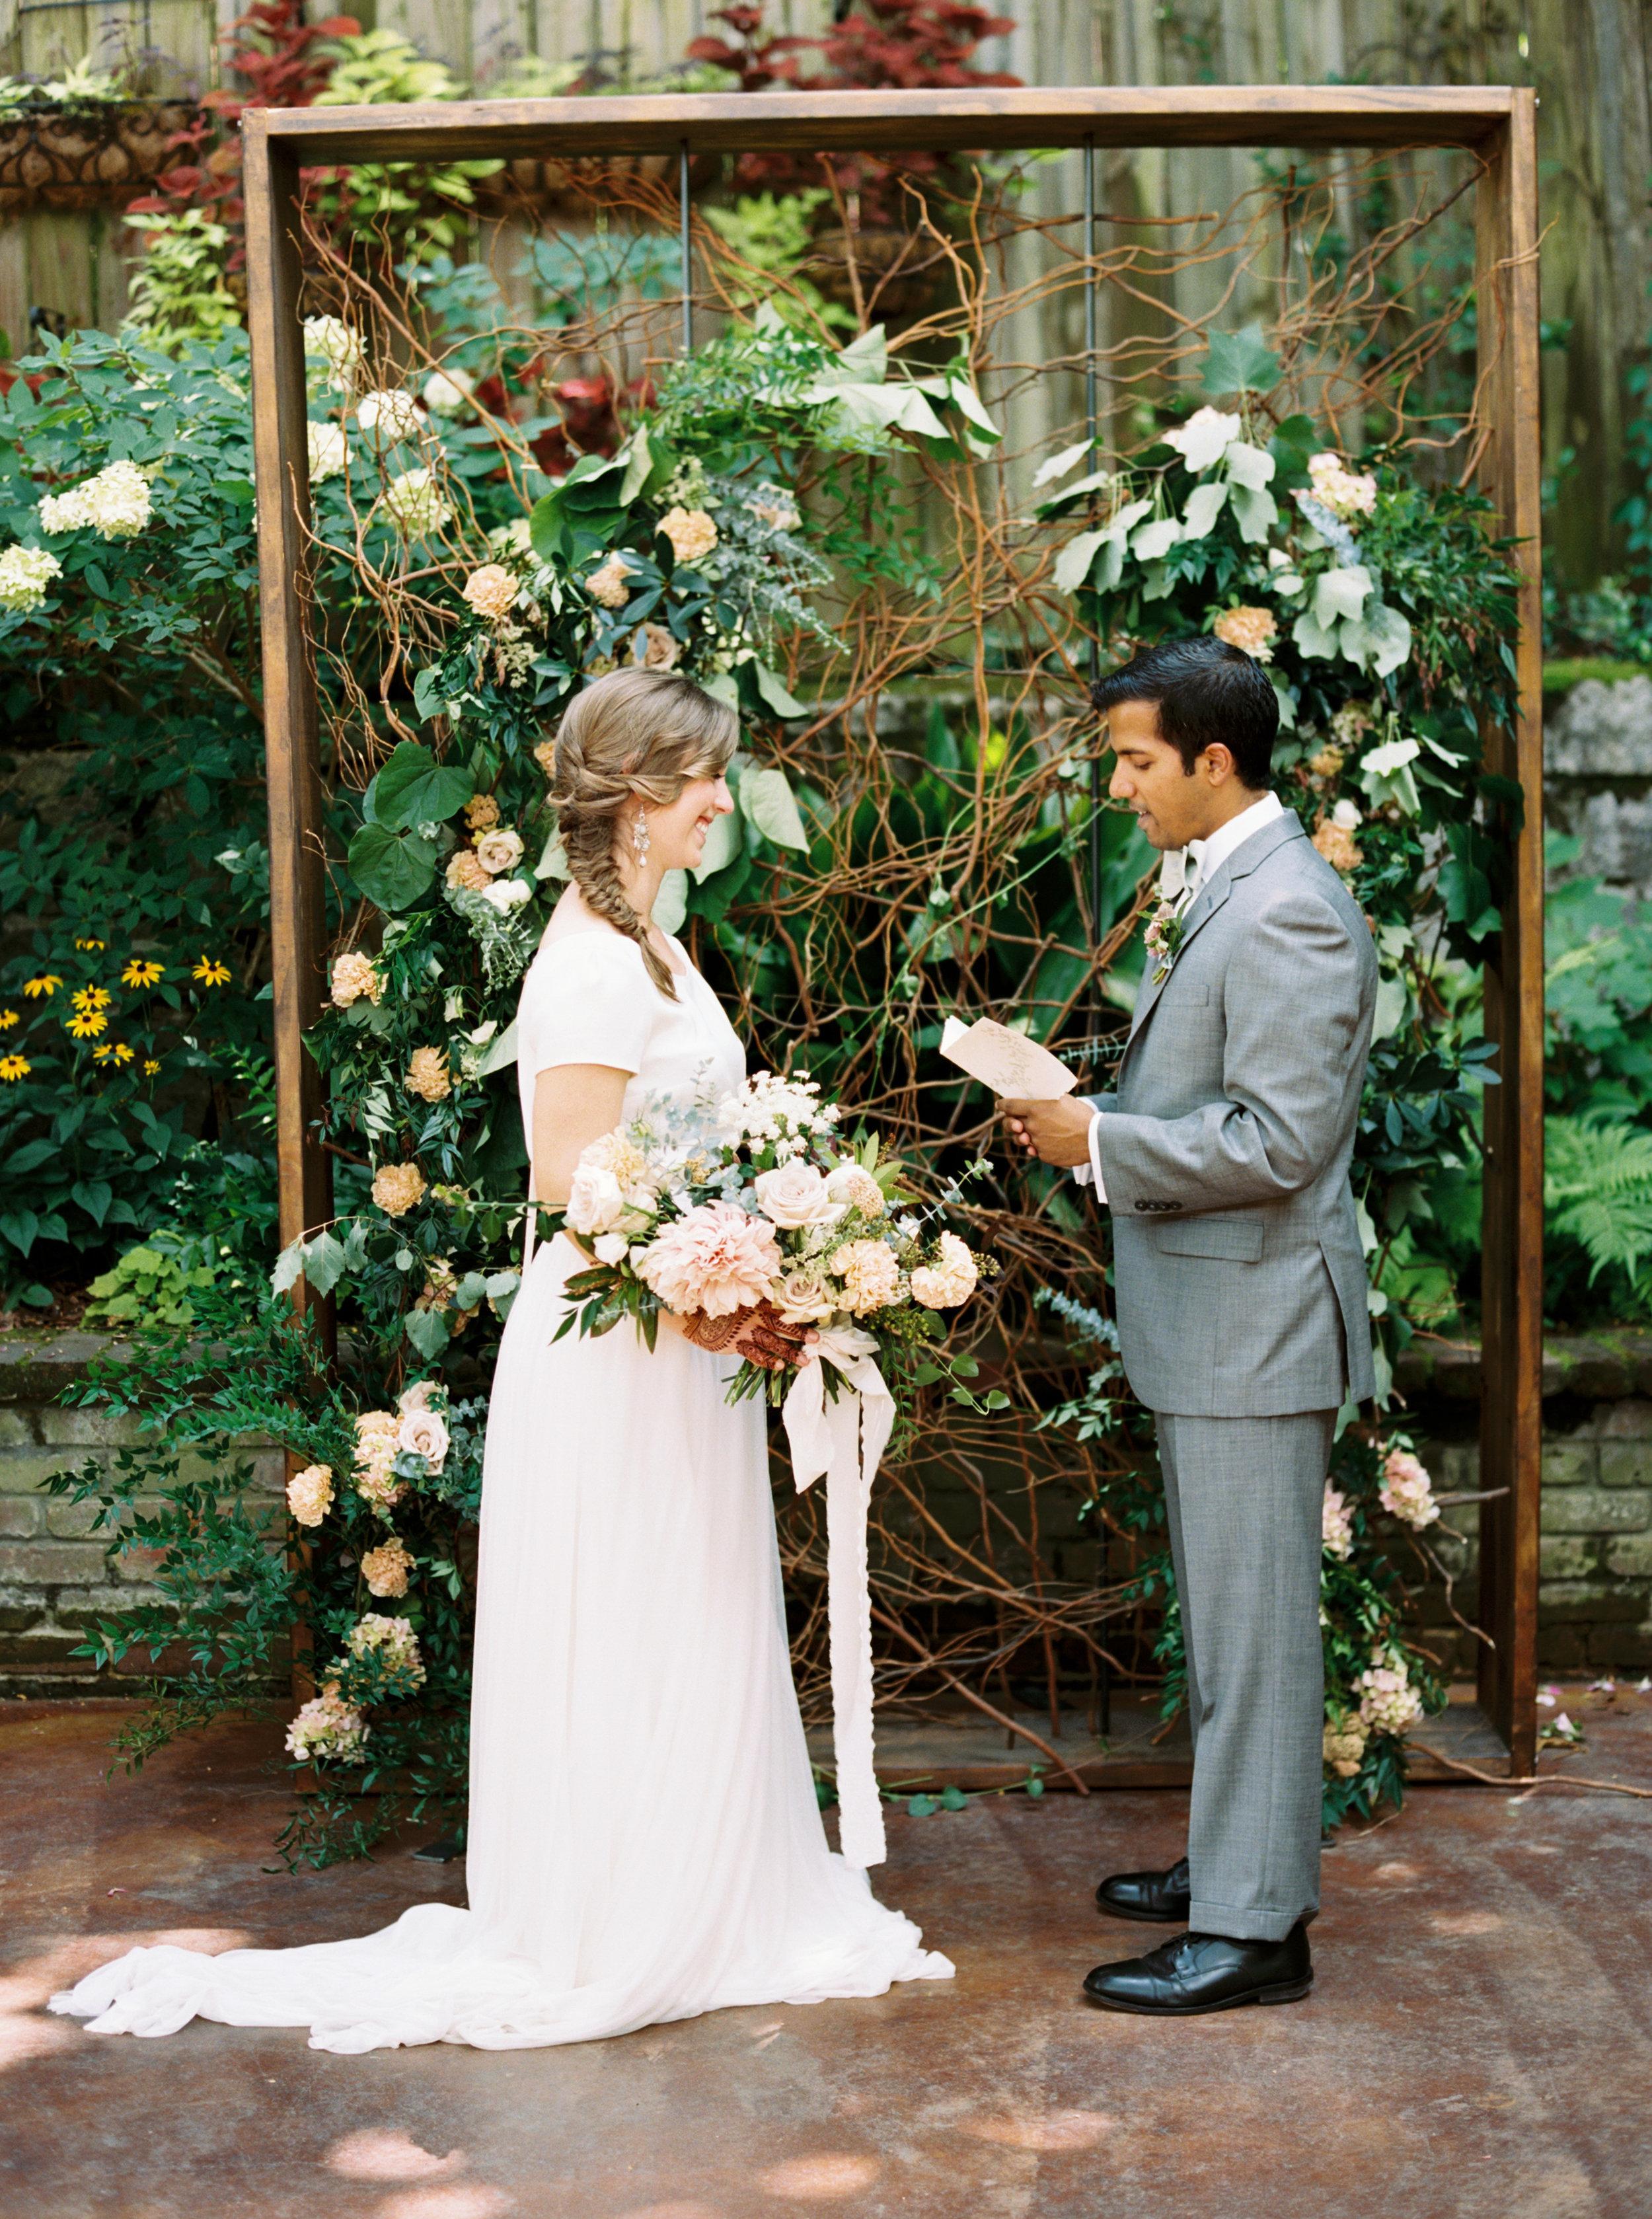 Wahoo_Grill_Atlanta_Indian_Wedding_Abigail_Malone_Photgoraphy_FIlm-91.jpg